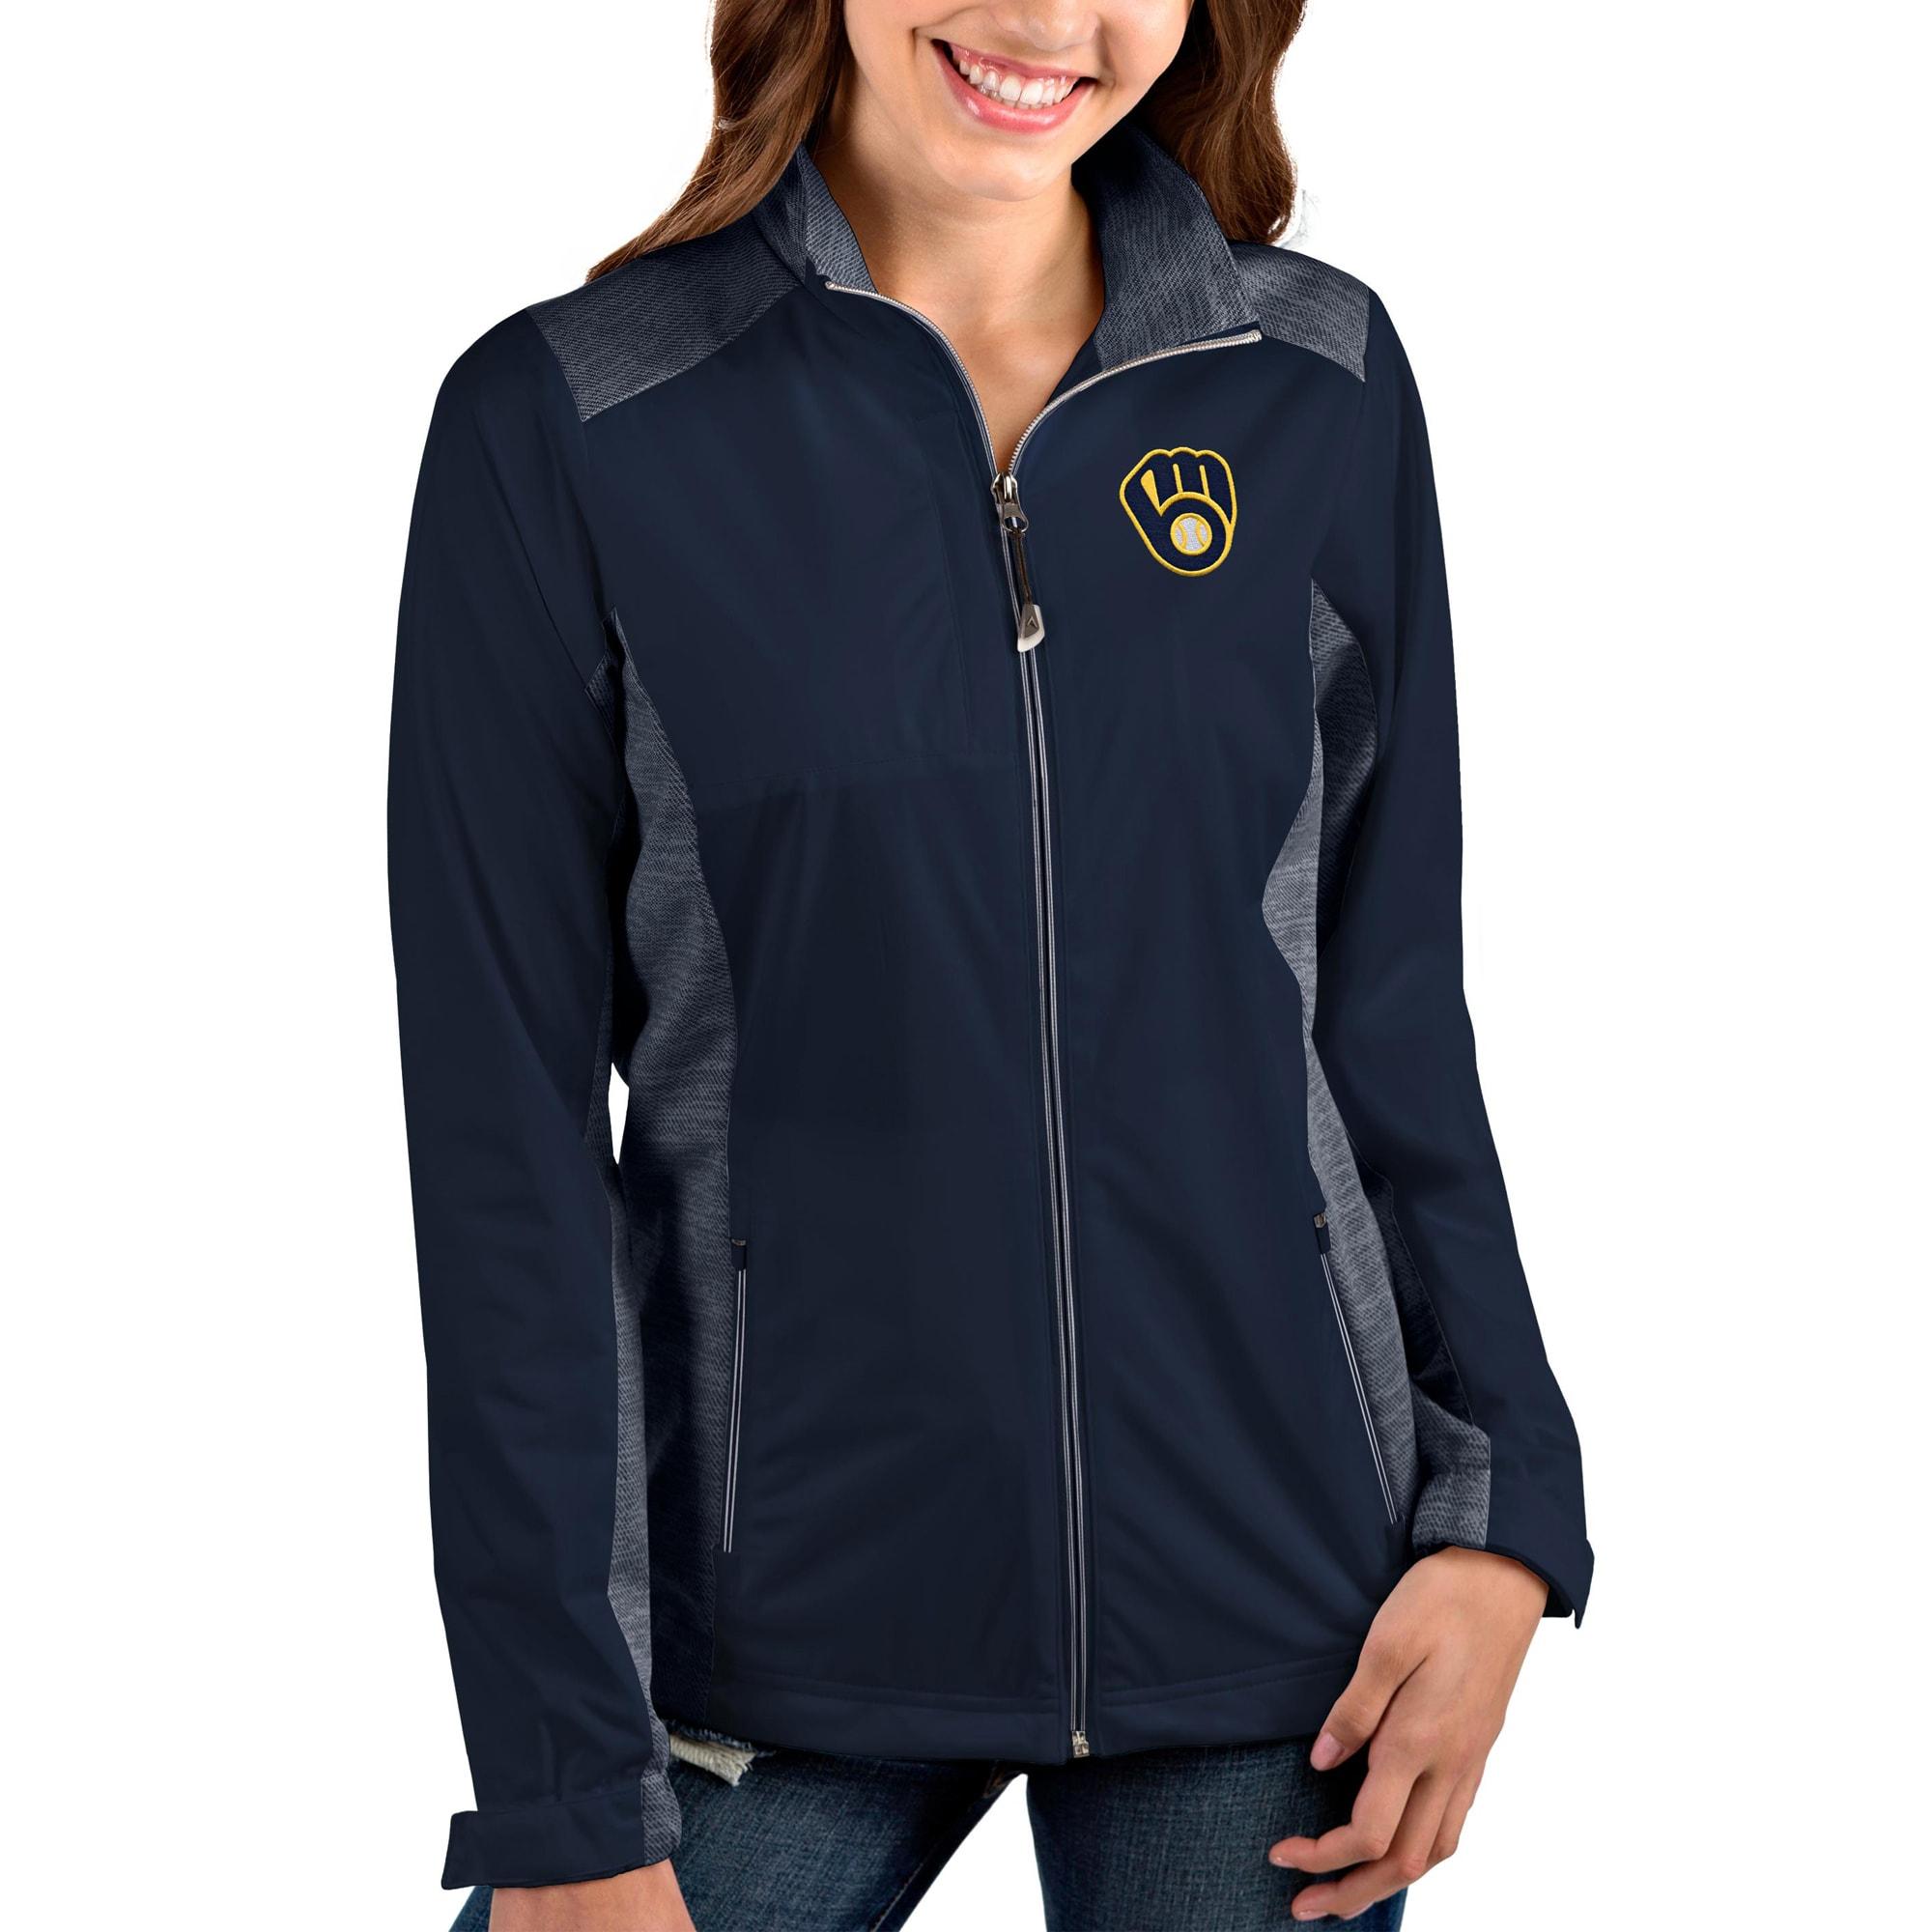 Milwaukee Brewers Antigua Women's Passage Full-Zip Jacket - Navy/White